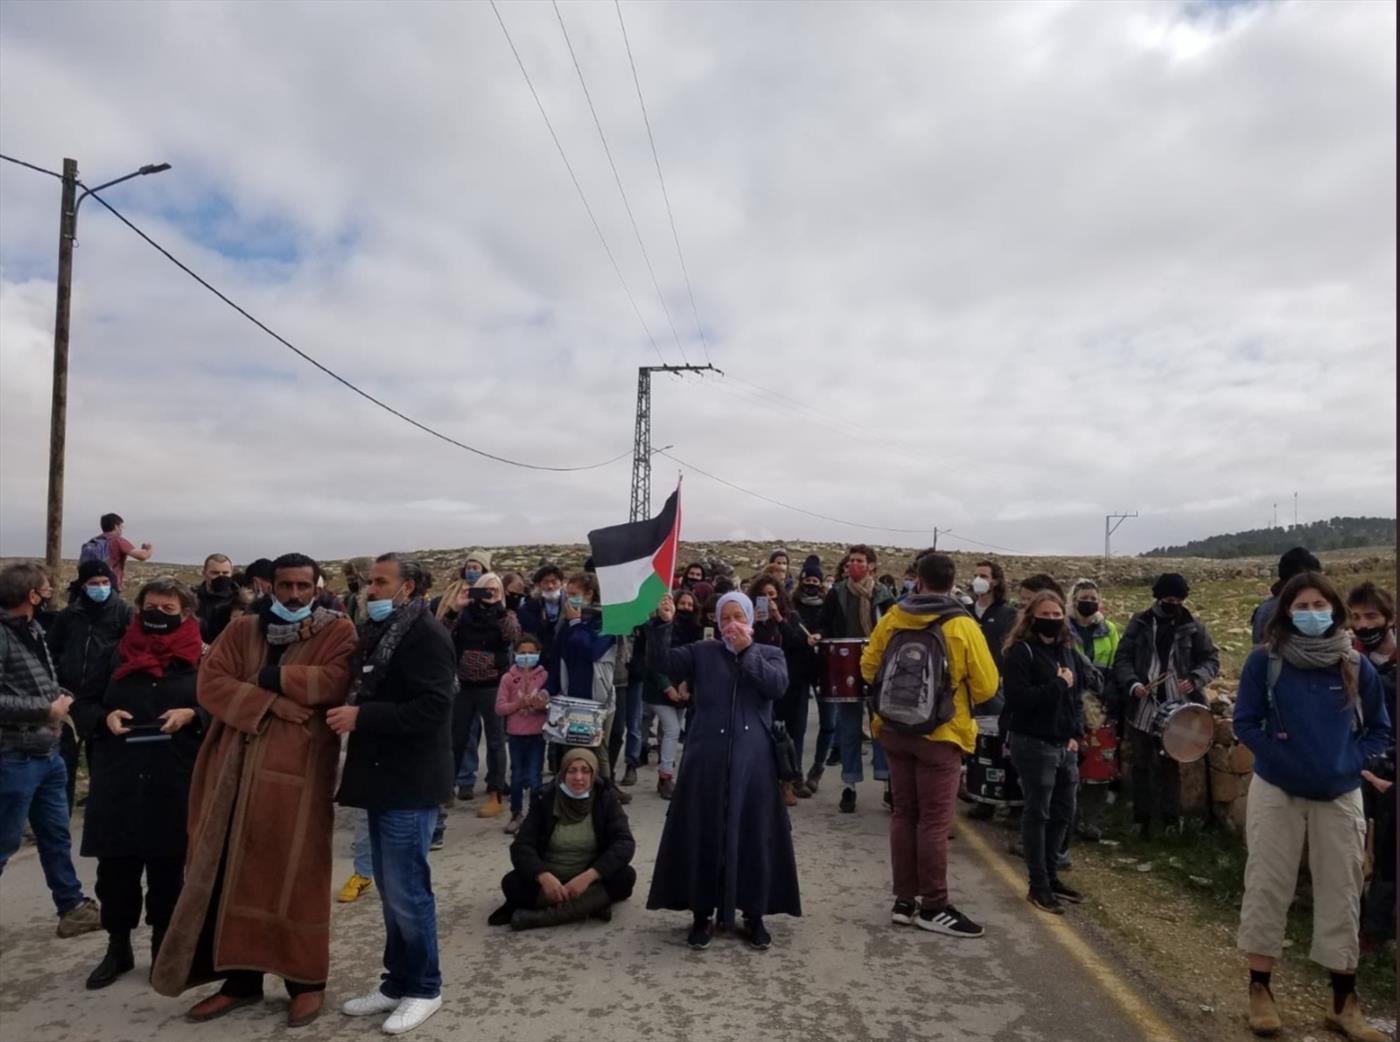 ערבים חוסמים את הכביש בהר חברון, השבוע